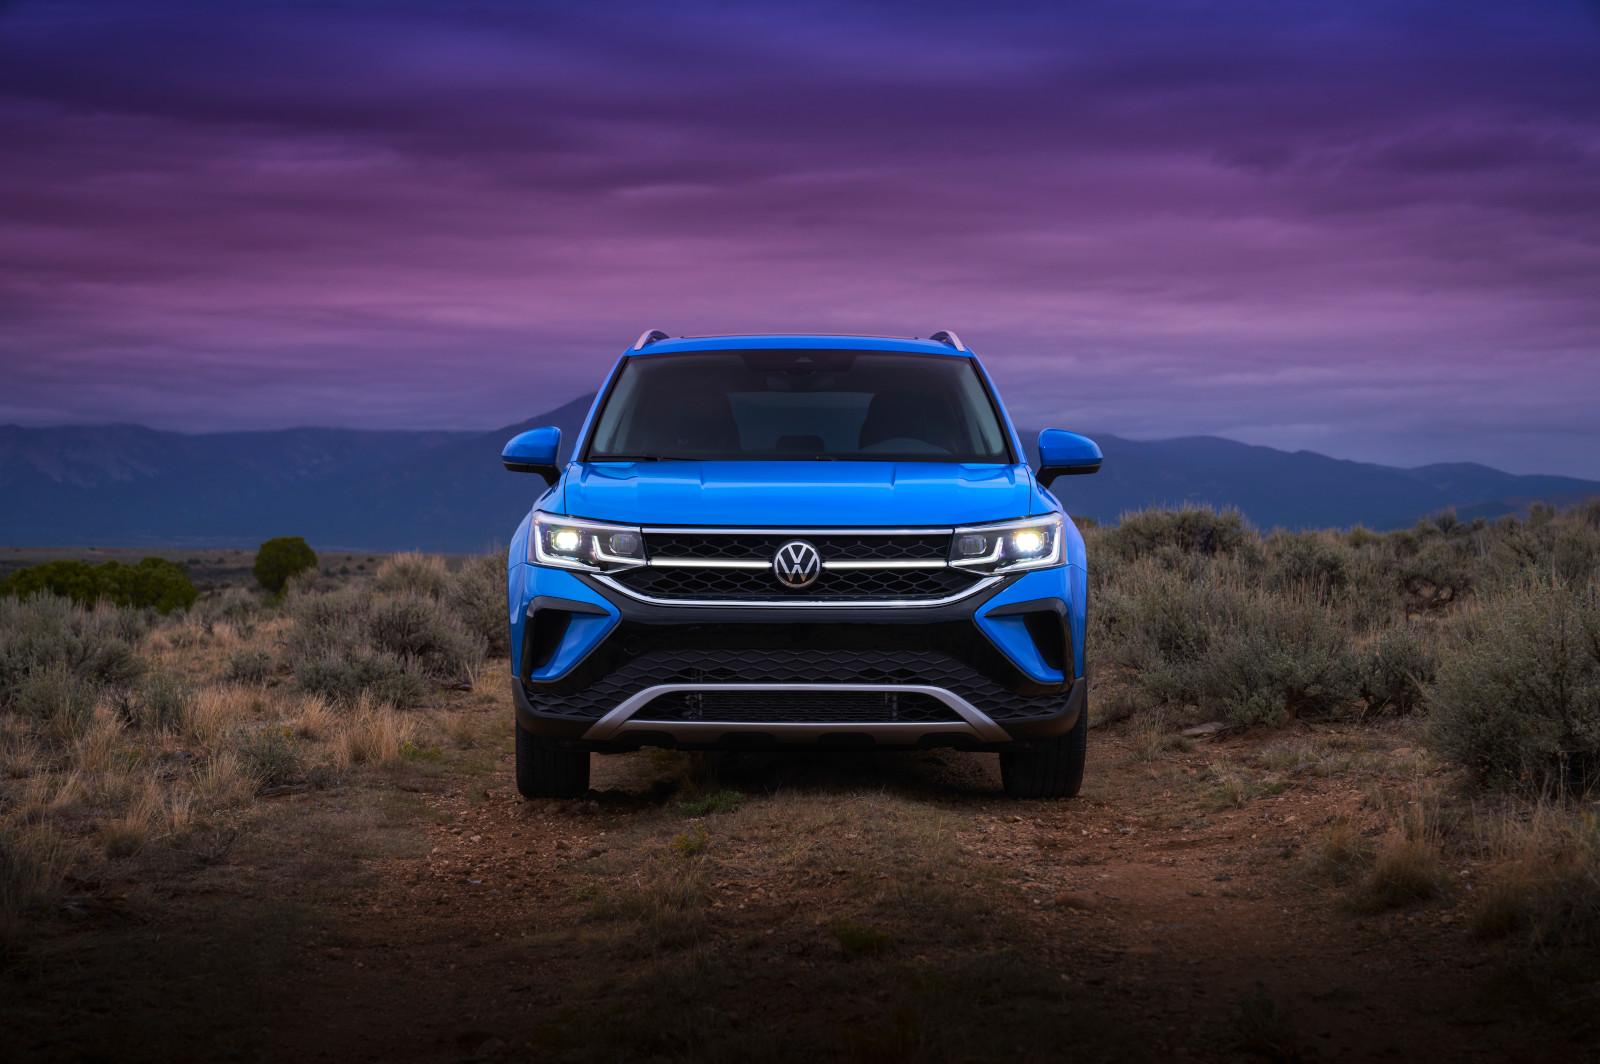 ¡Aparte su VW Taos y sea de los primeros en tenerlo!